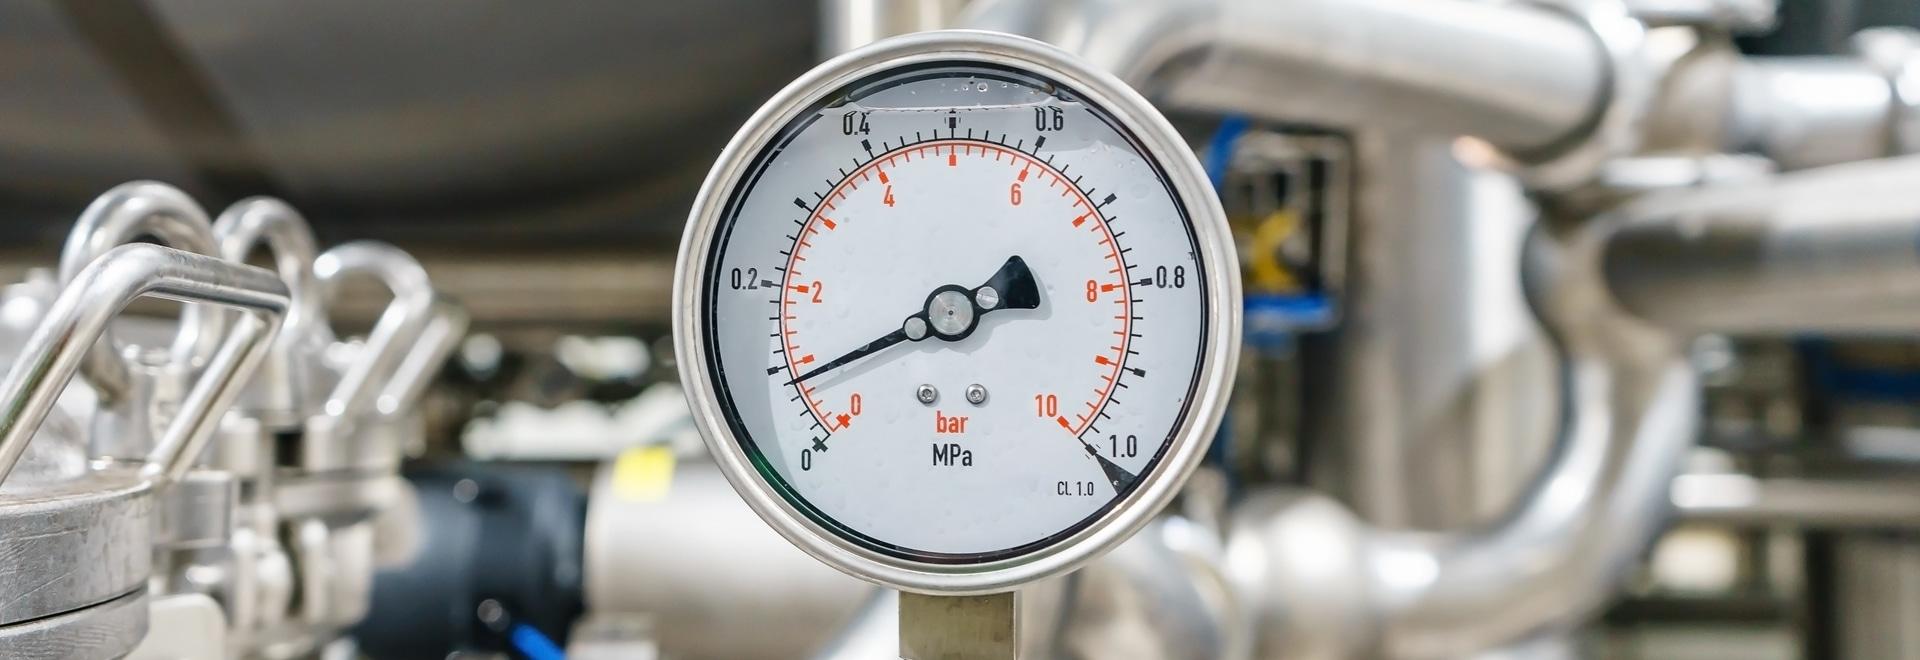 Pompes à piston de basculage pour le système pneumatique intégré